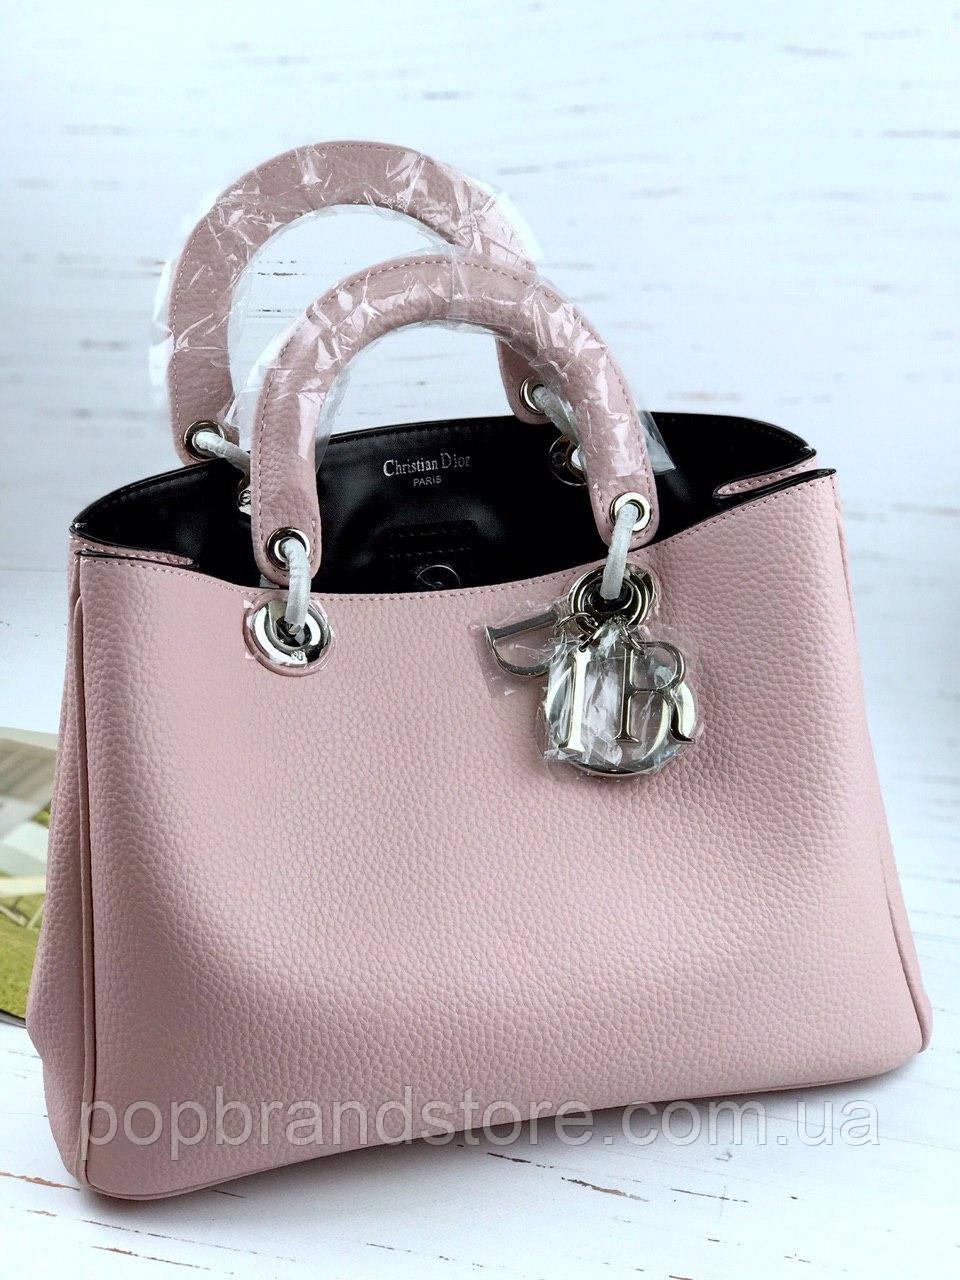 4800fc42c0db Женская кожаная сумка DIOR Diorissimo lux (реплика): продажа, цена в ...